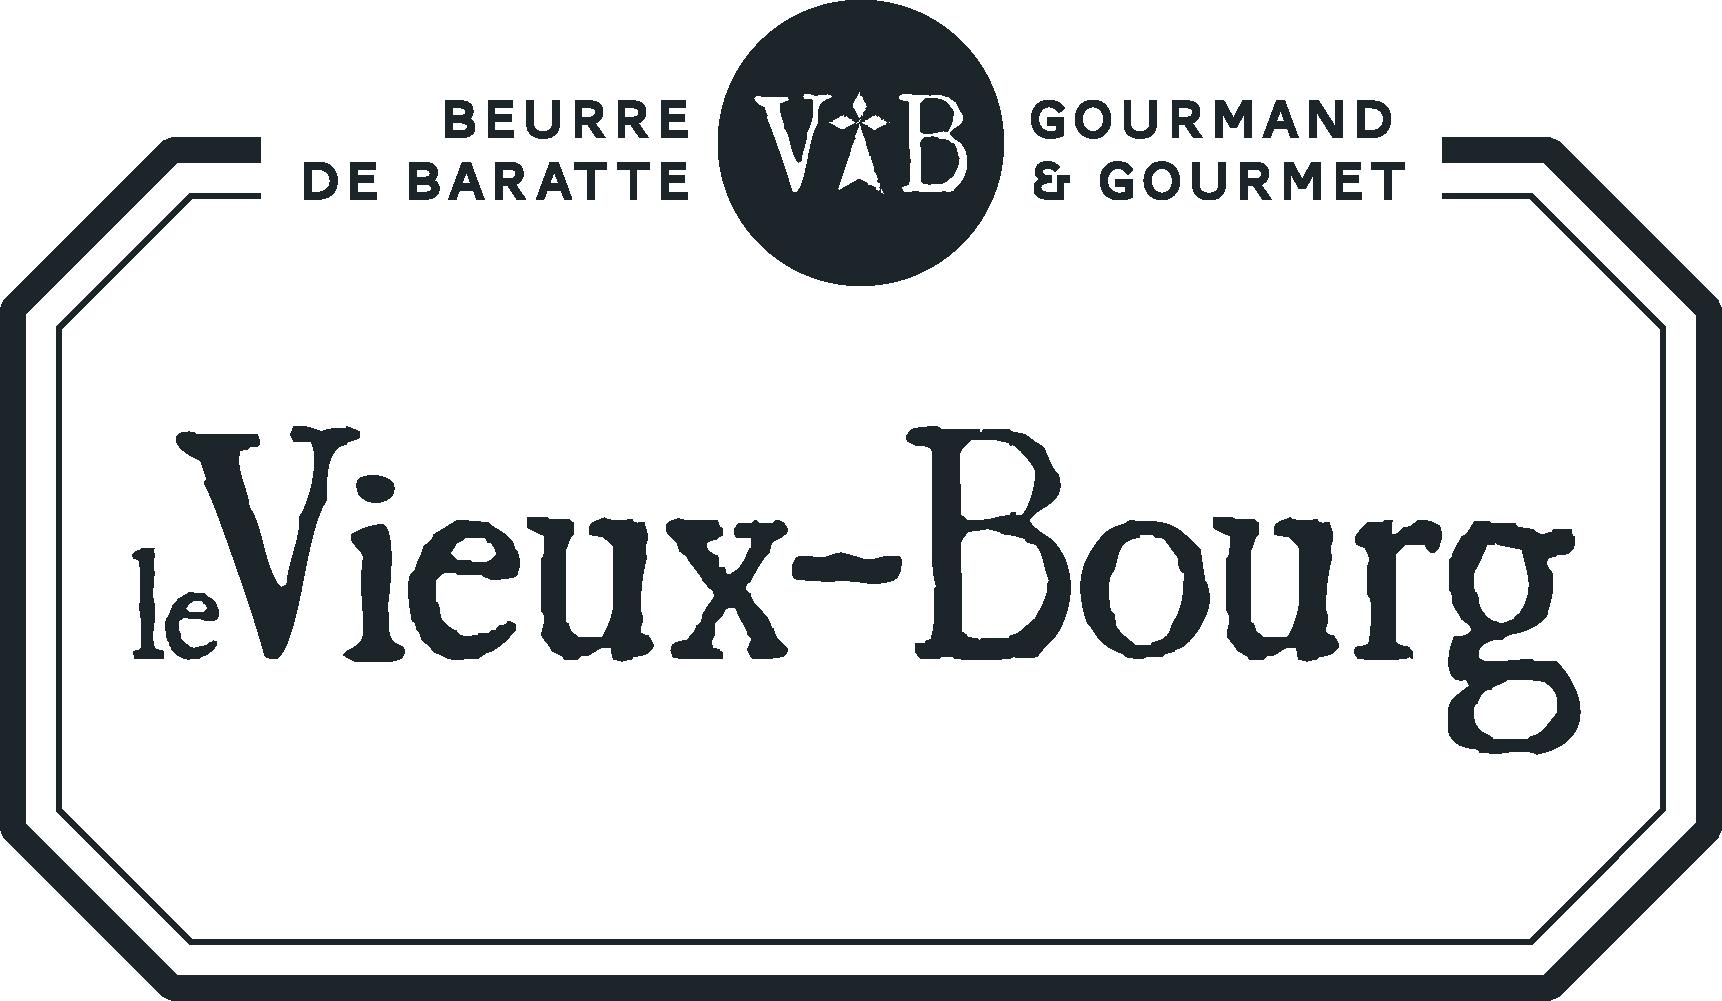 Beurre Baratte Le Vieux bourg